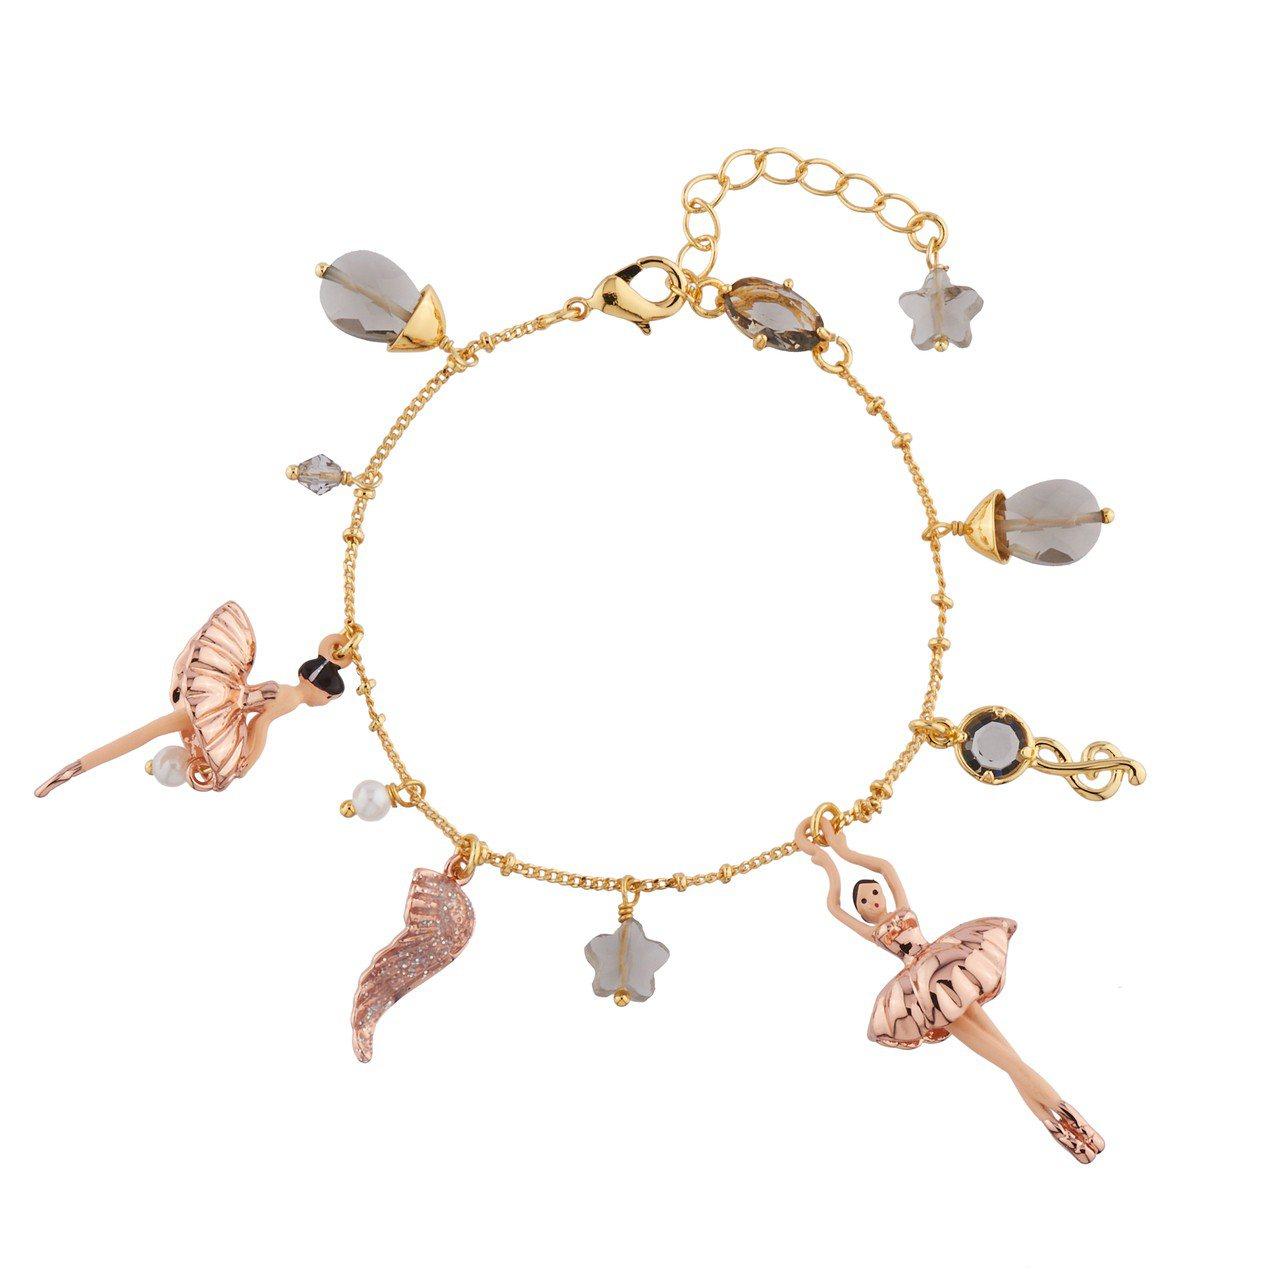 Les Néréides芭蕾舞伶玫瑰金手鍊,5,200元。圖/惇聚國際提供